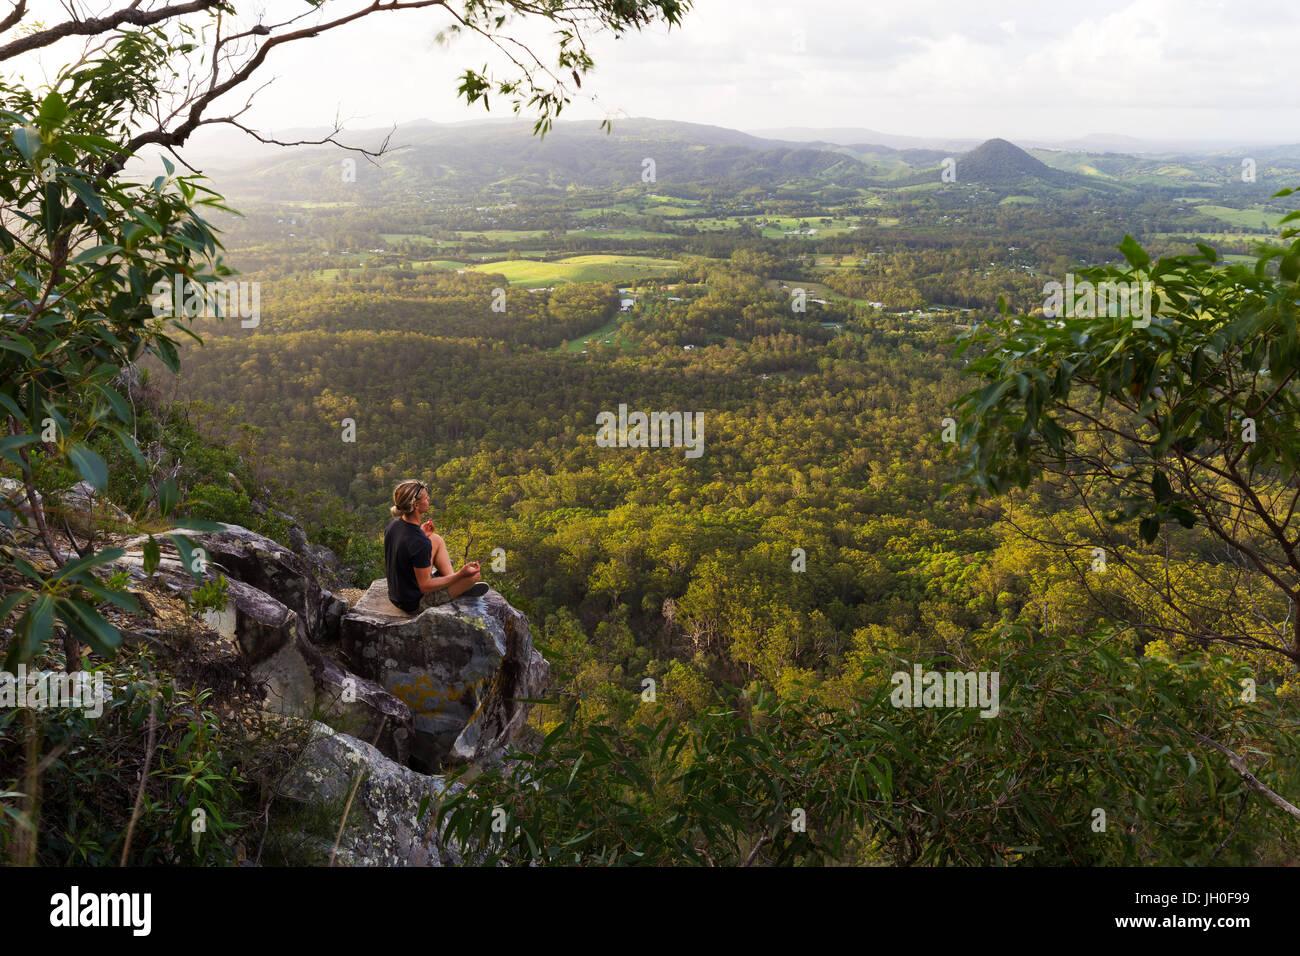 Un jeune homme est assis, tranquillement méditer au sommet d'une montagne avec vue panoramique près Photo Stock